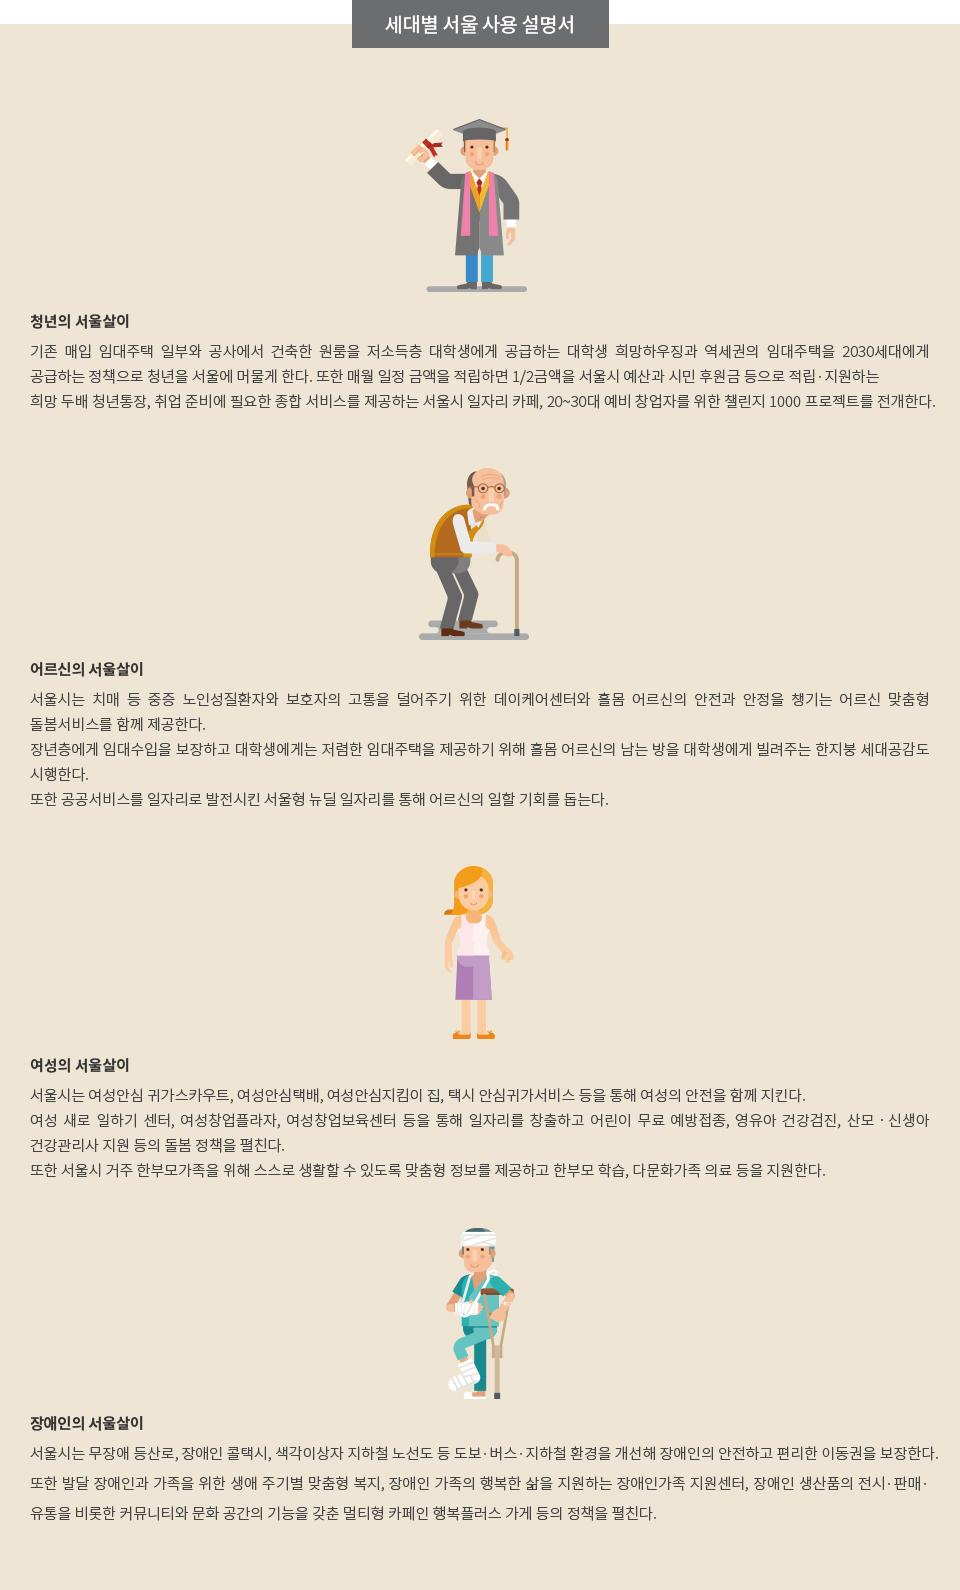 세대별 서울 사용 설명서 자세한 내용 아래 참조